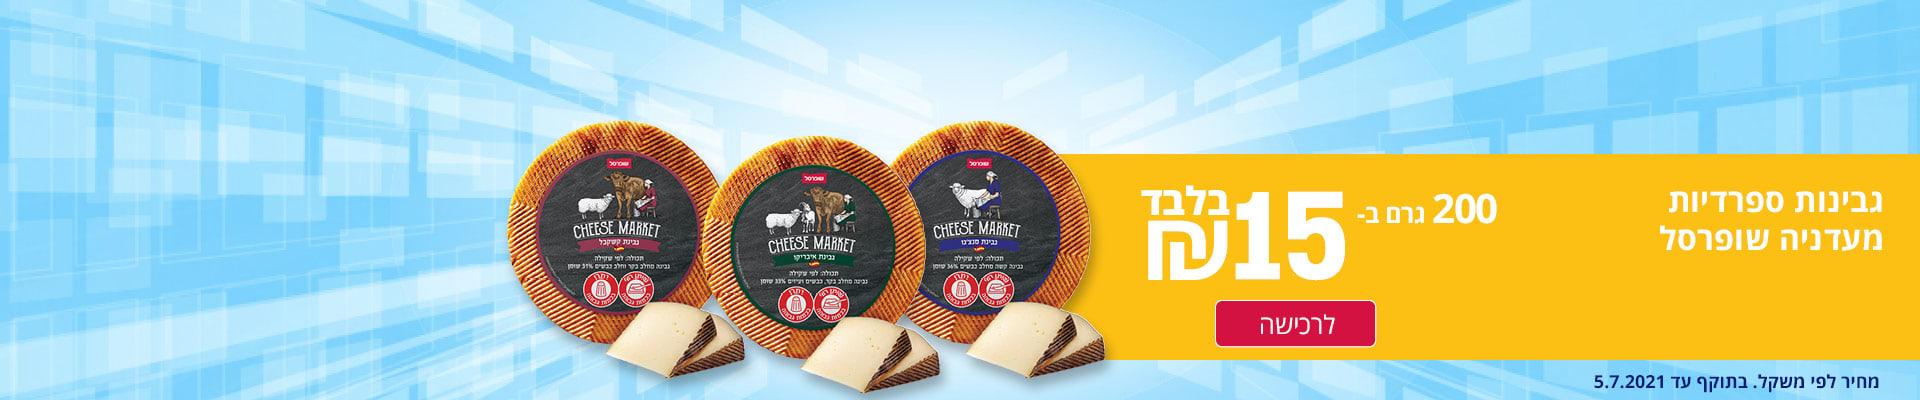 גבינות ספרדיות מעדנייה שופרסל 200 גרם ב- 15 ₪ בלבד לרכישה מחיר לפי משקל . בתוקף עד 5.7.2021